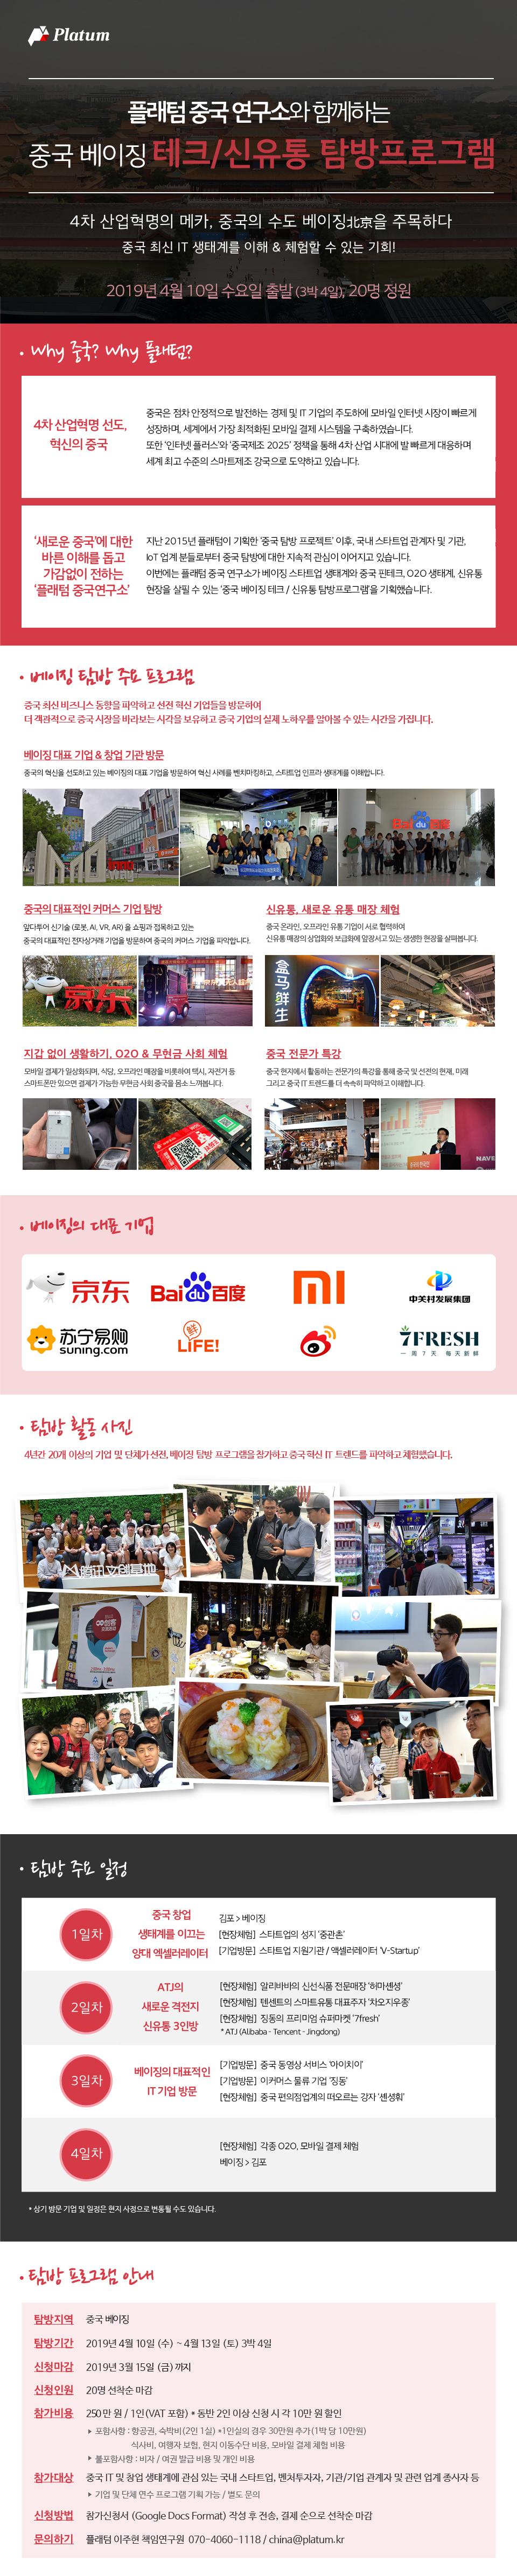 [공지] '중국 베이징 테크/신유통 탐방 프로그램(2019년 4월)' 참가자 모집